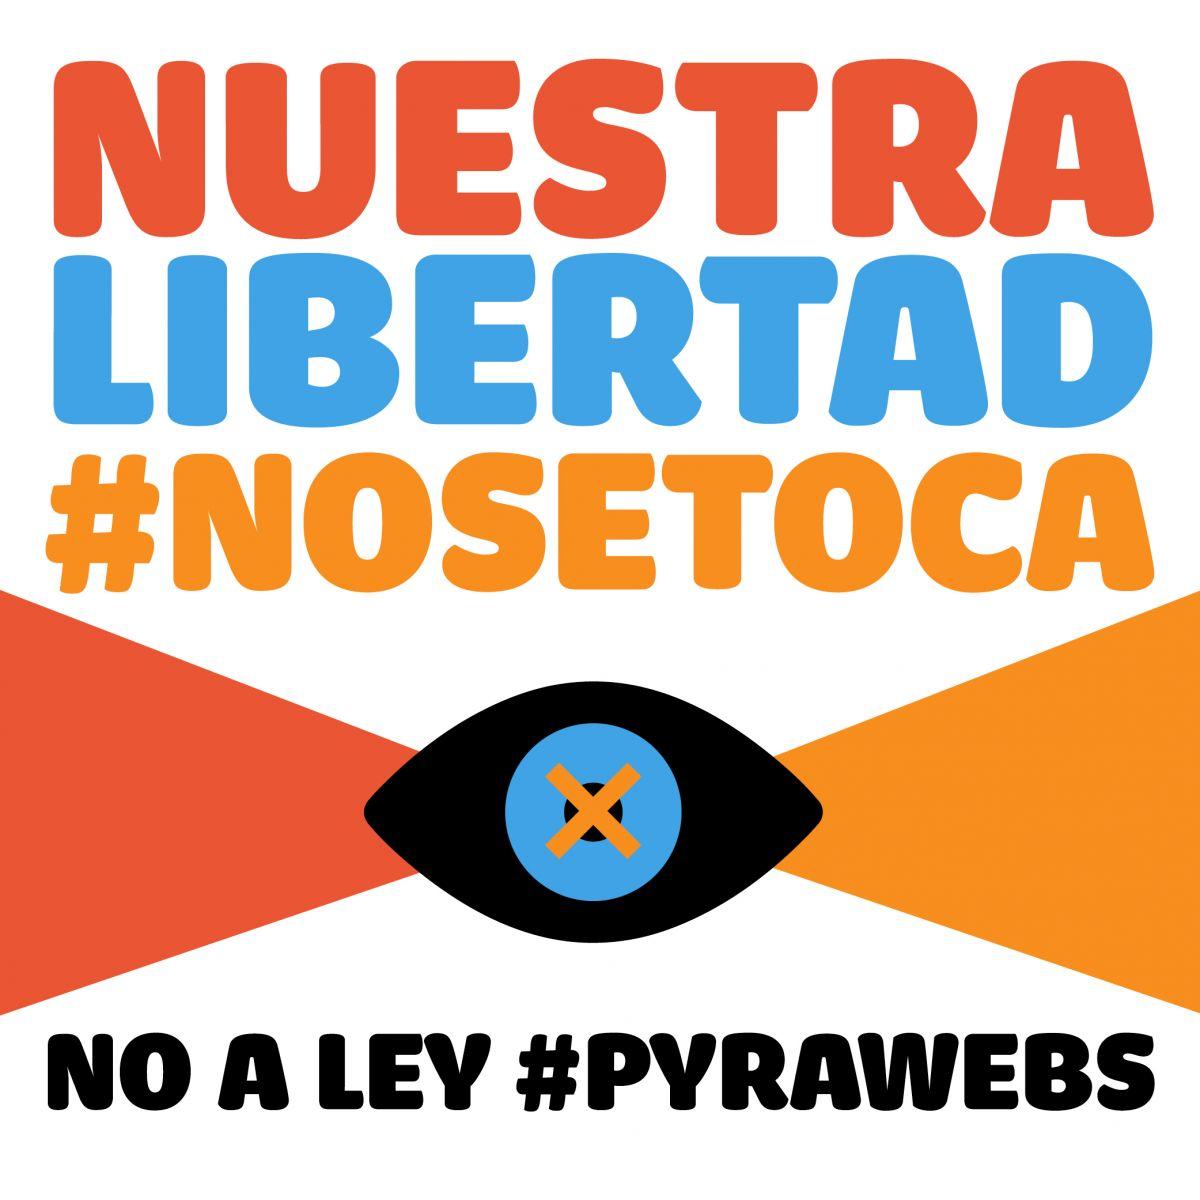 Pyrawebs4